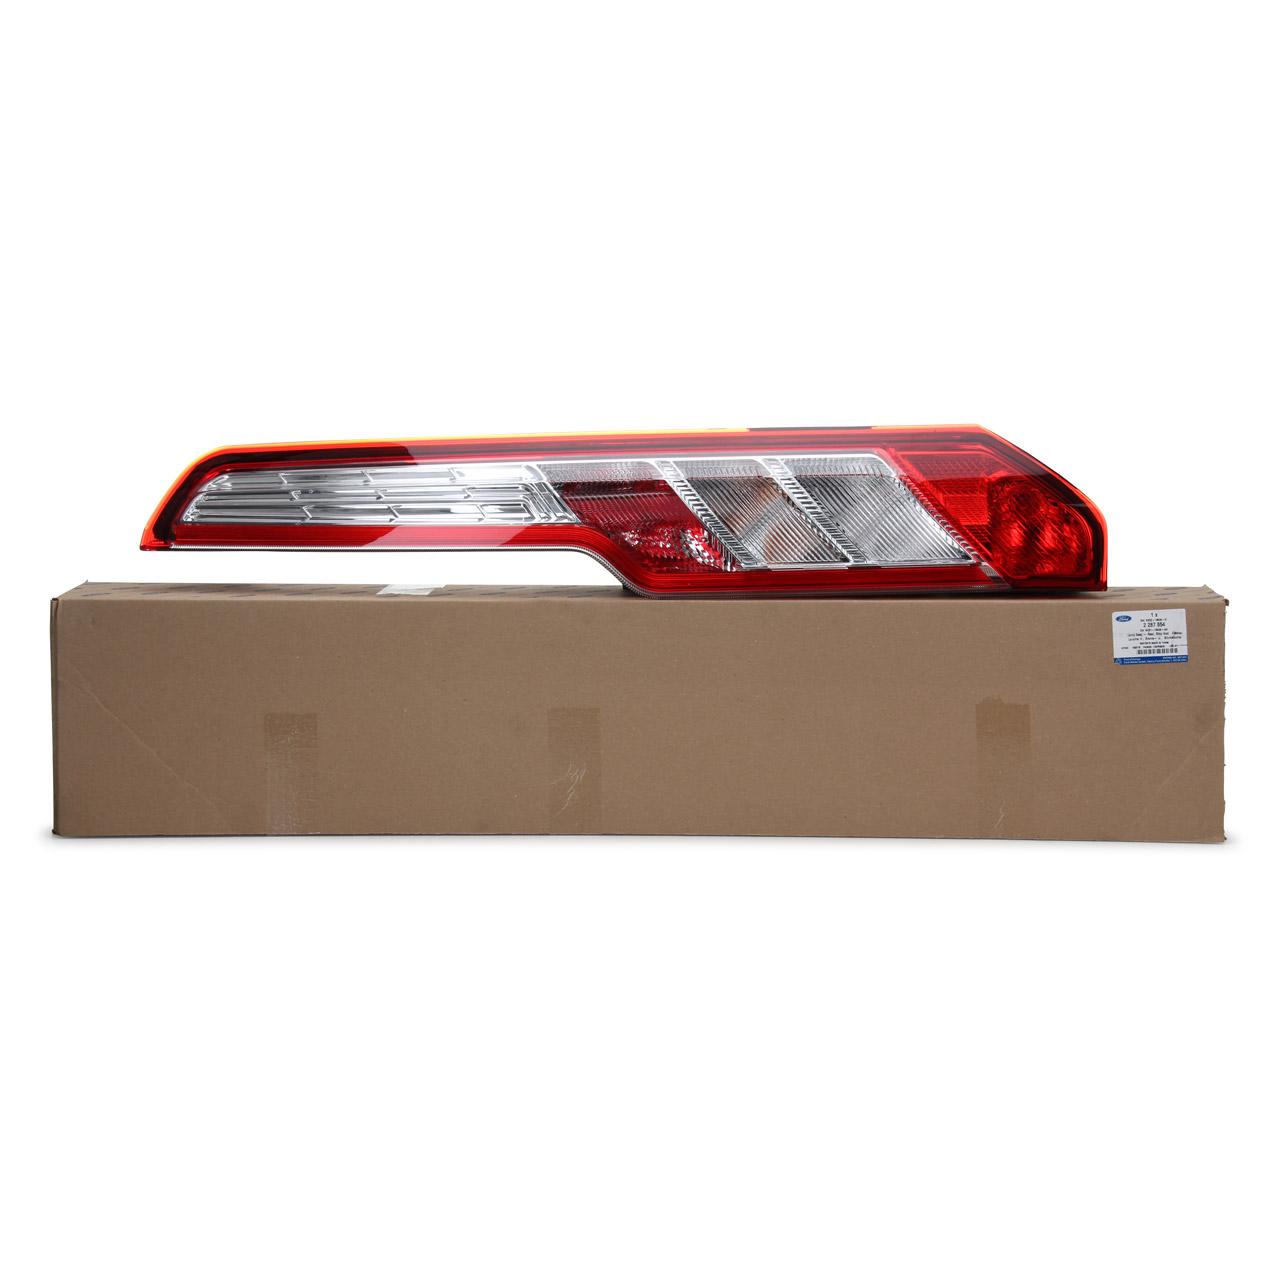 ORIGINAL Ford Heckleuchte Rücklicht Tourneo / Transit Custom rechts 2410754